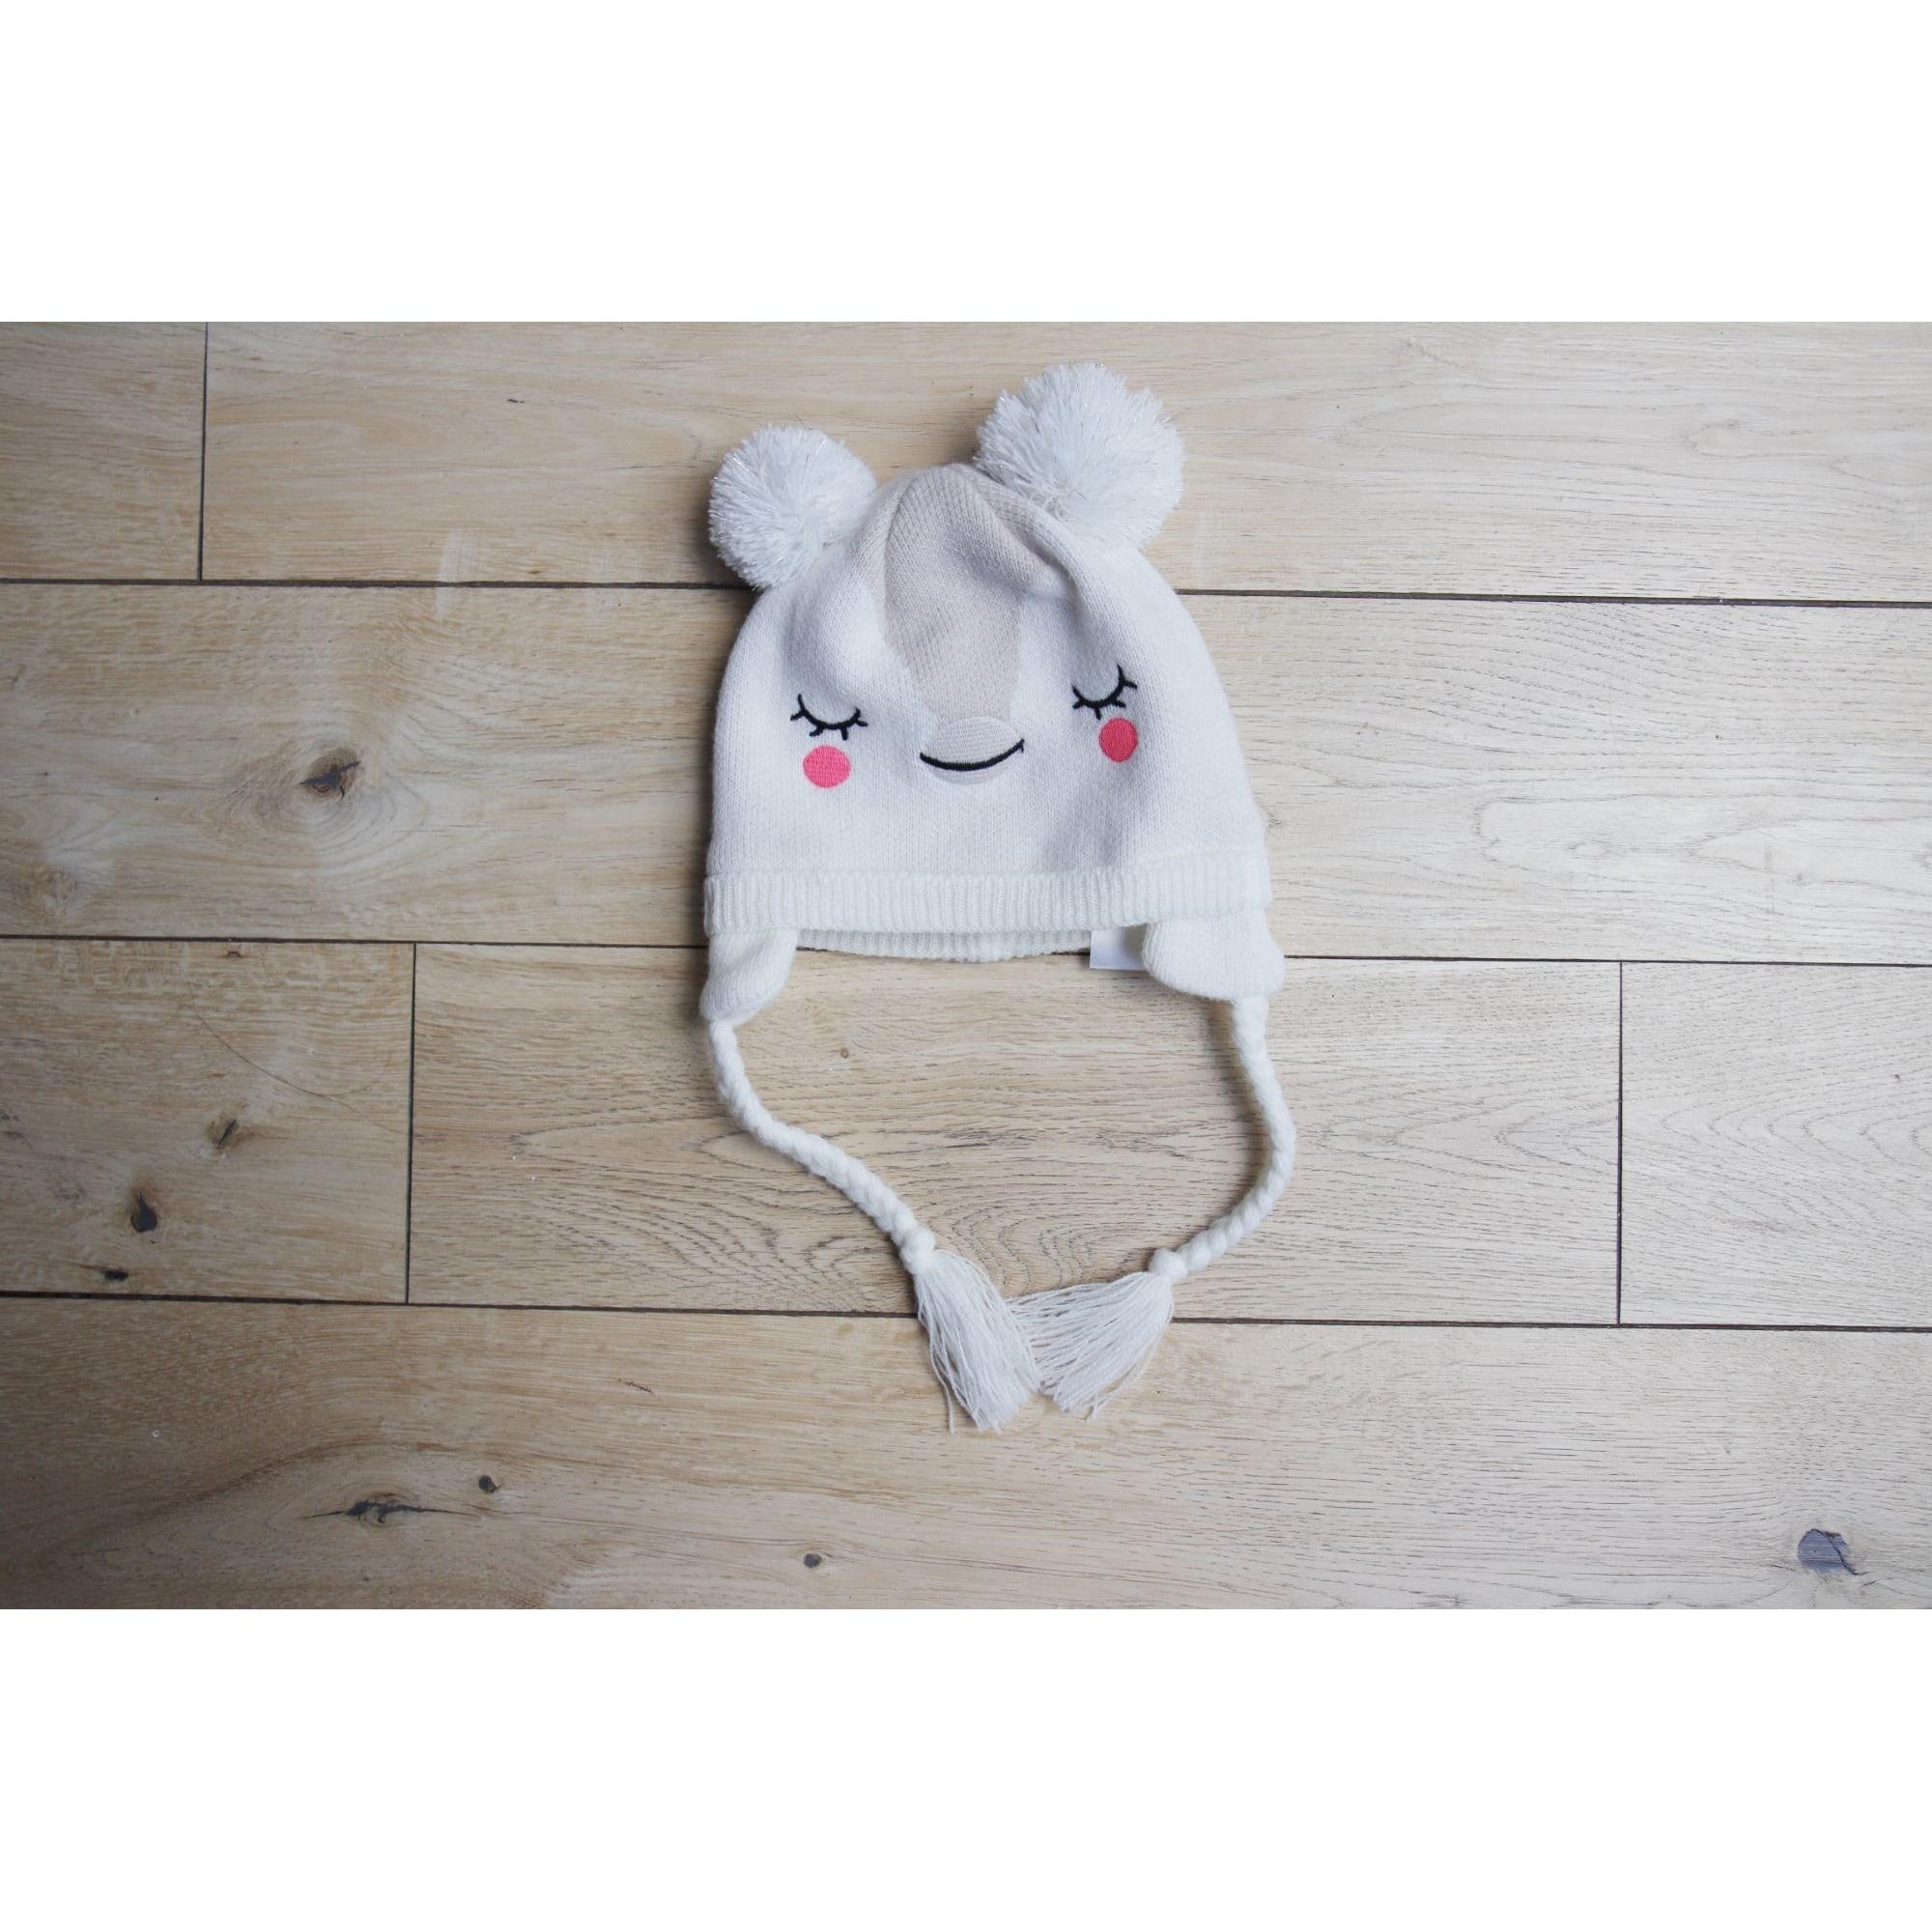 Bonnet DU PAREIL AU MÊME DPAM Blanc, blanc cassé, écru